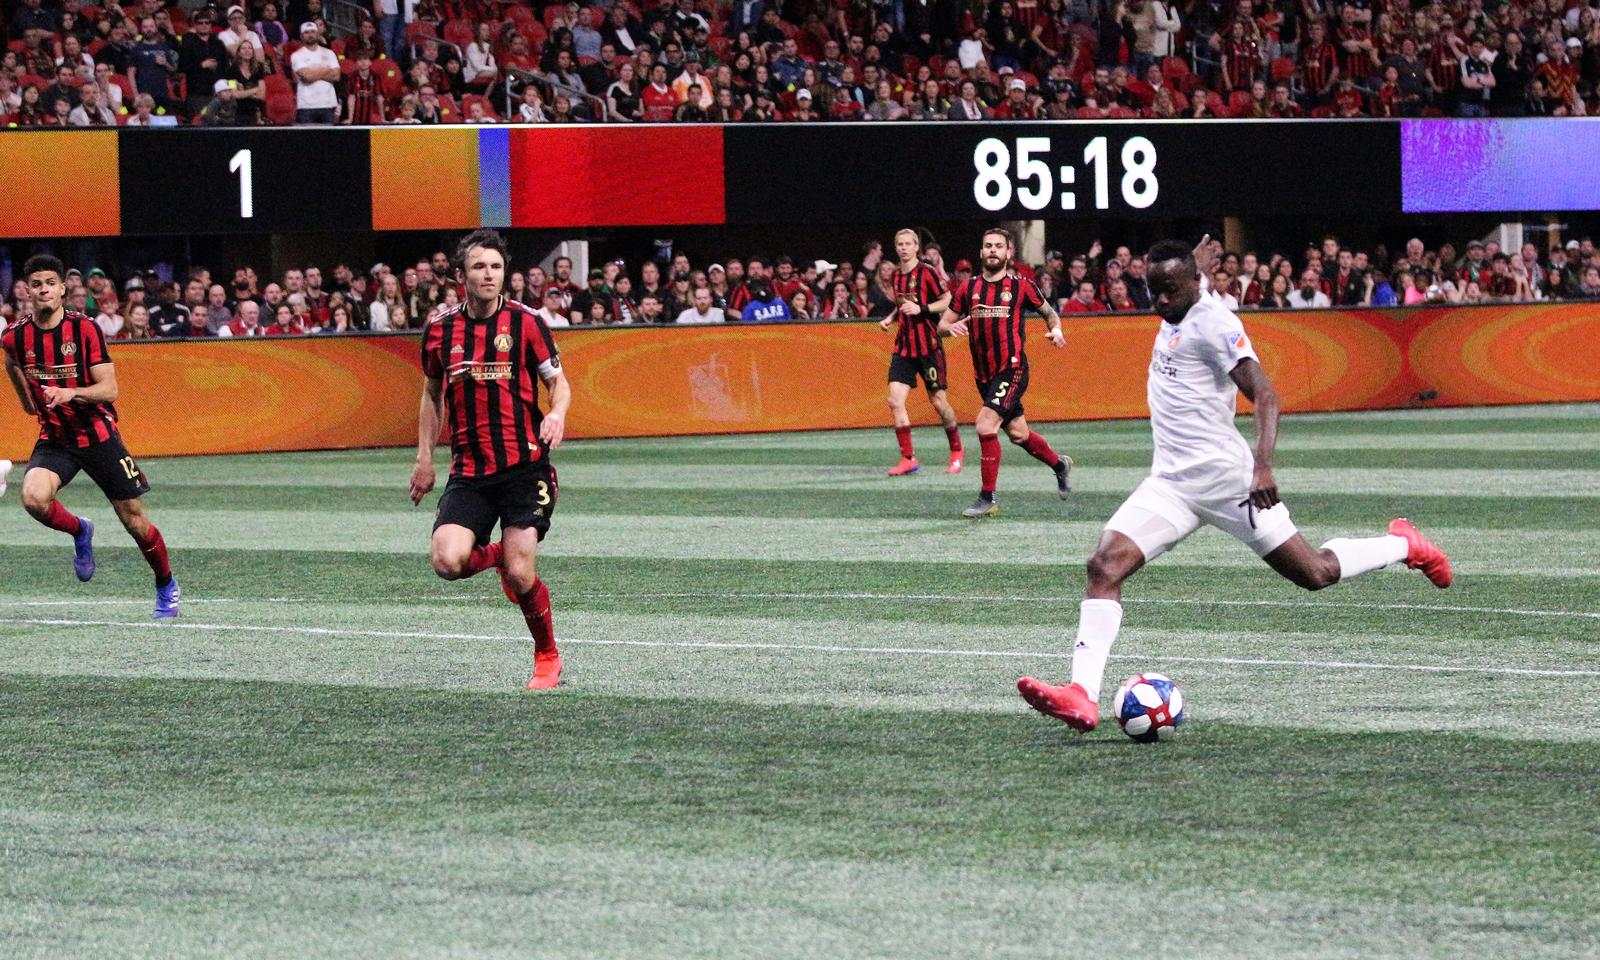 ac7227fe958 MLS Week 2 Power Rankings: Seattle Sounders and LAFC prove dominant,  Atlanta United ties FC Cincinnati